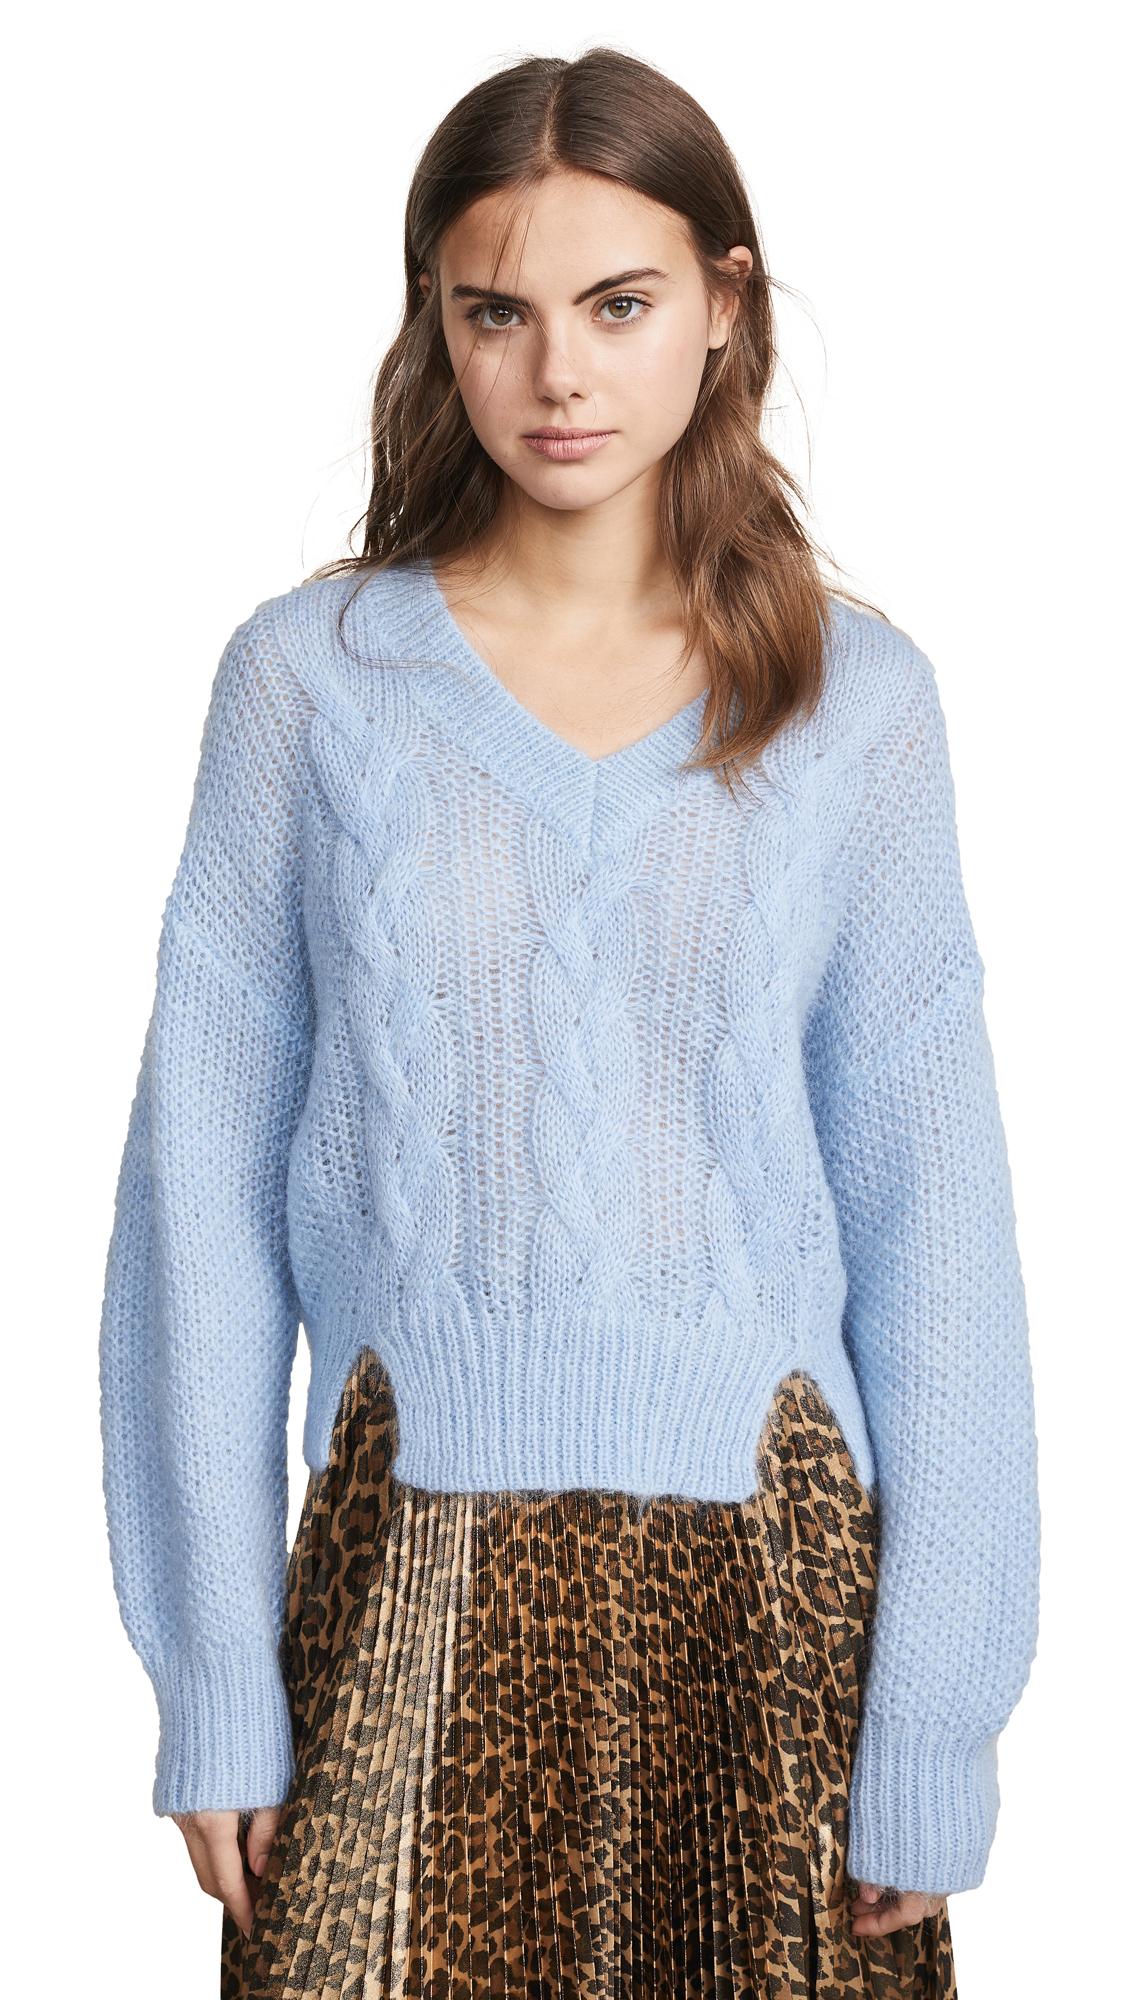 BAUM UND PFERDGARTEN Coralie Sweater - Chambray Blue